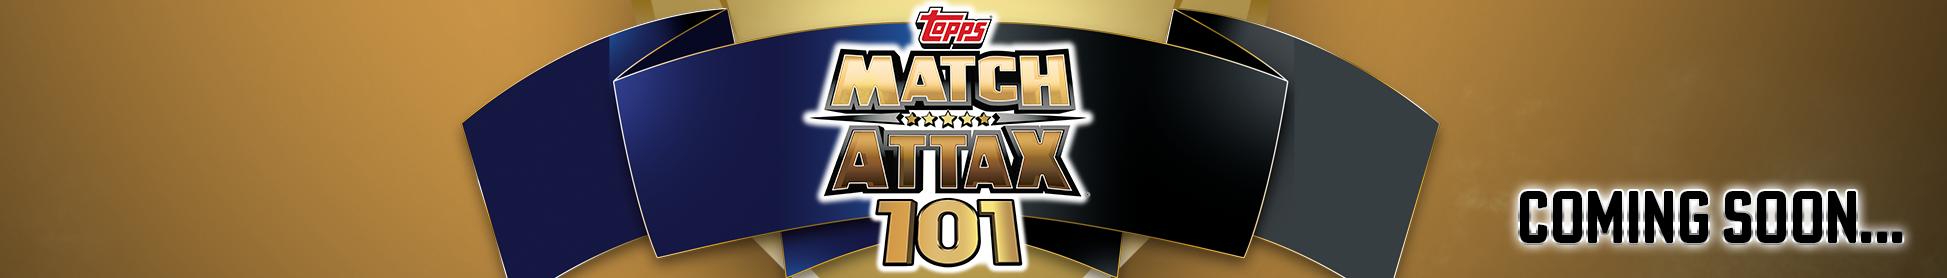 Match Attax 101